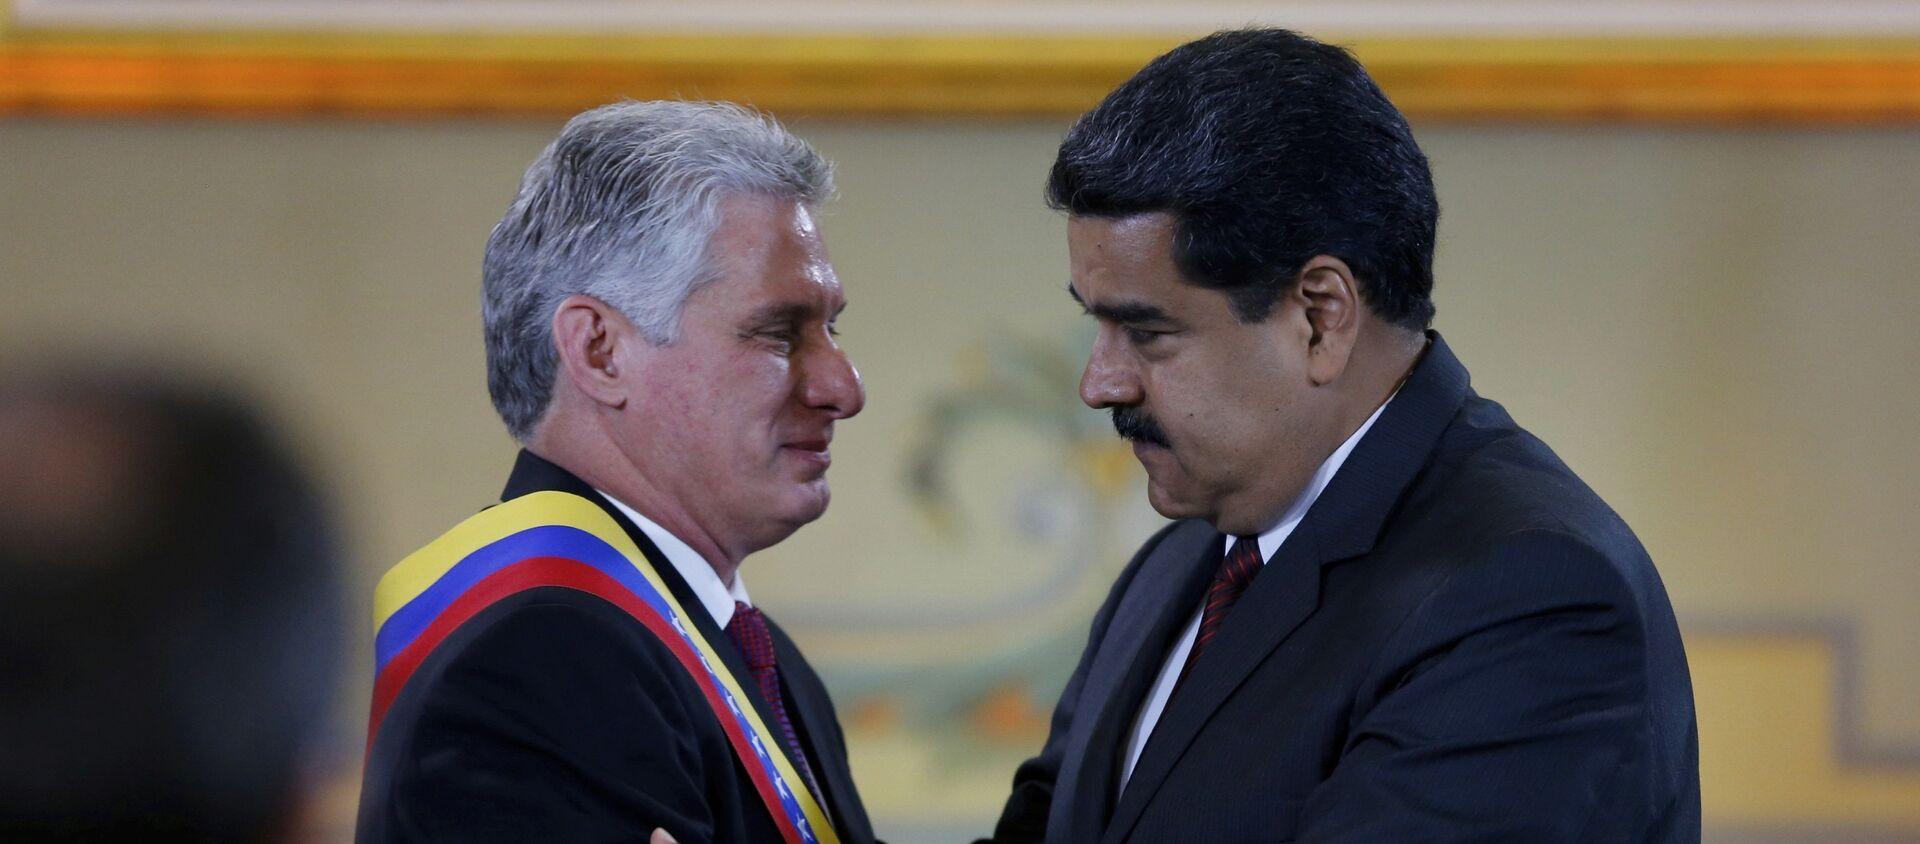 Miguel Díaz-Canel, presidente de Cuba y Nicolás Maduro, presidente de Venezuela (Archivo) - Sputnik Mundo, 1920, 20.01.2021